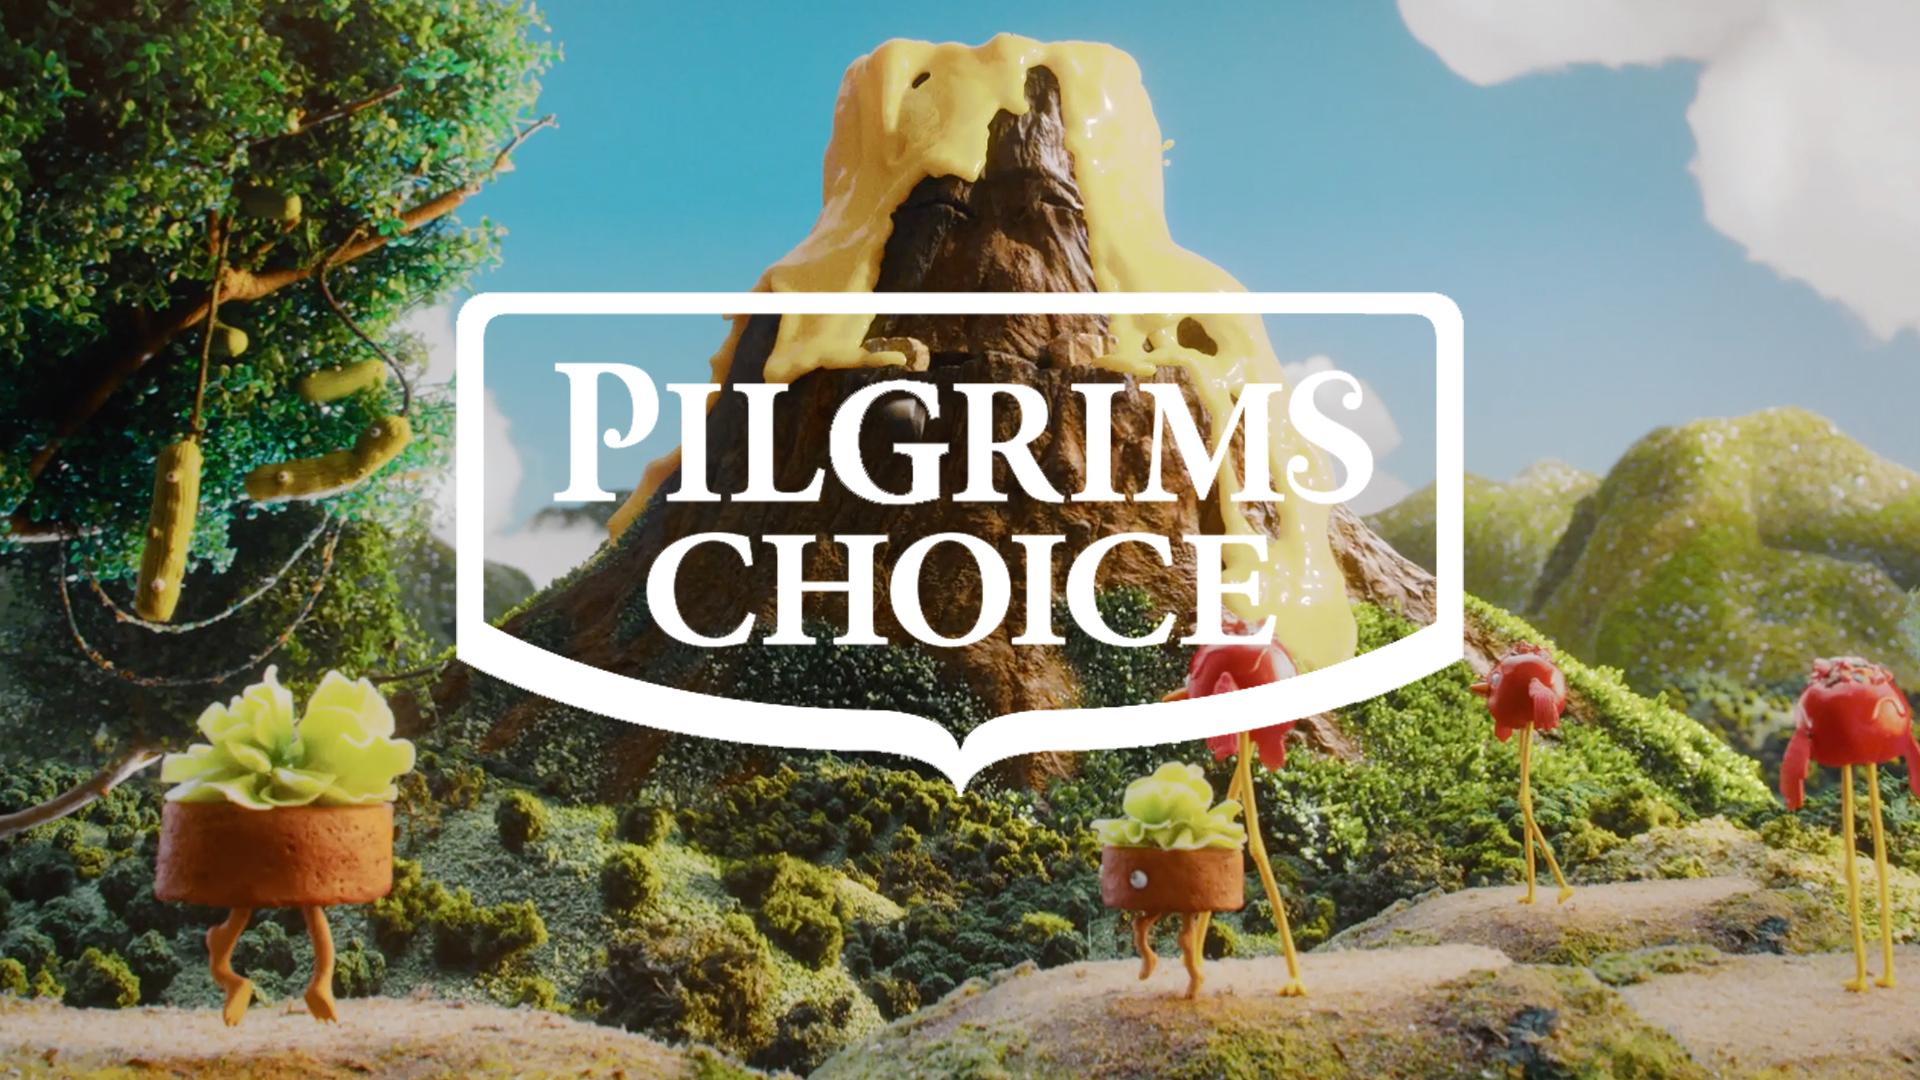 Pilgrims choice